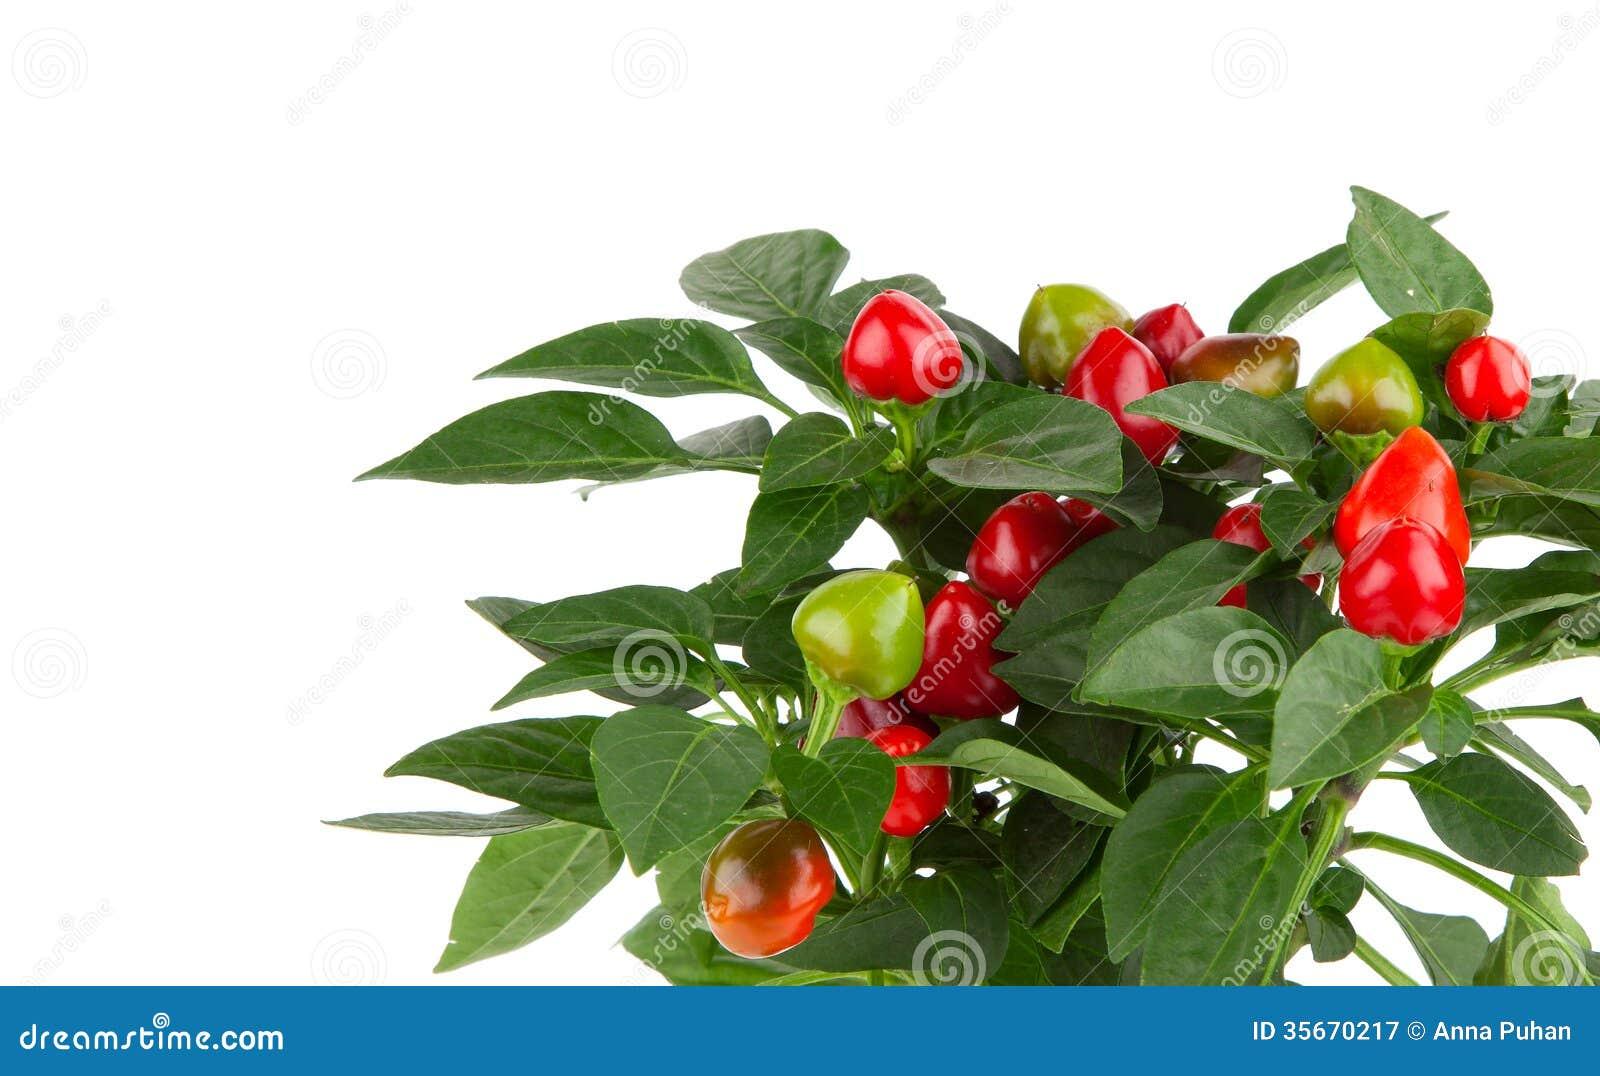 Planta de la pimienta de chile candente fotograf a de for Planta de chile